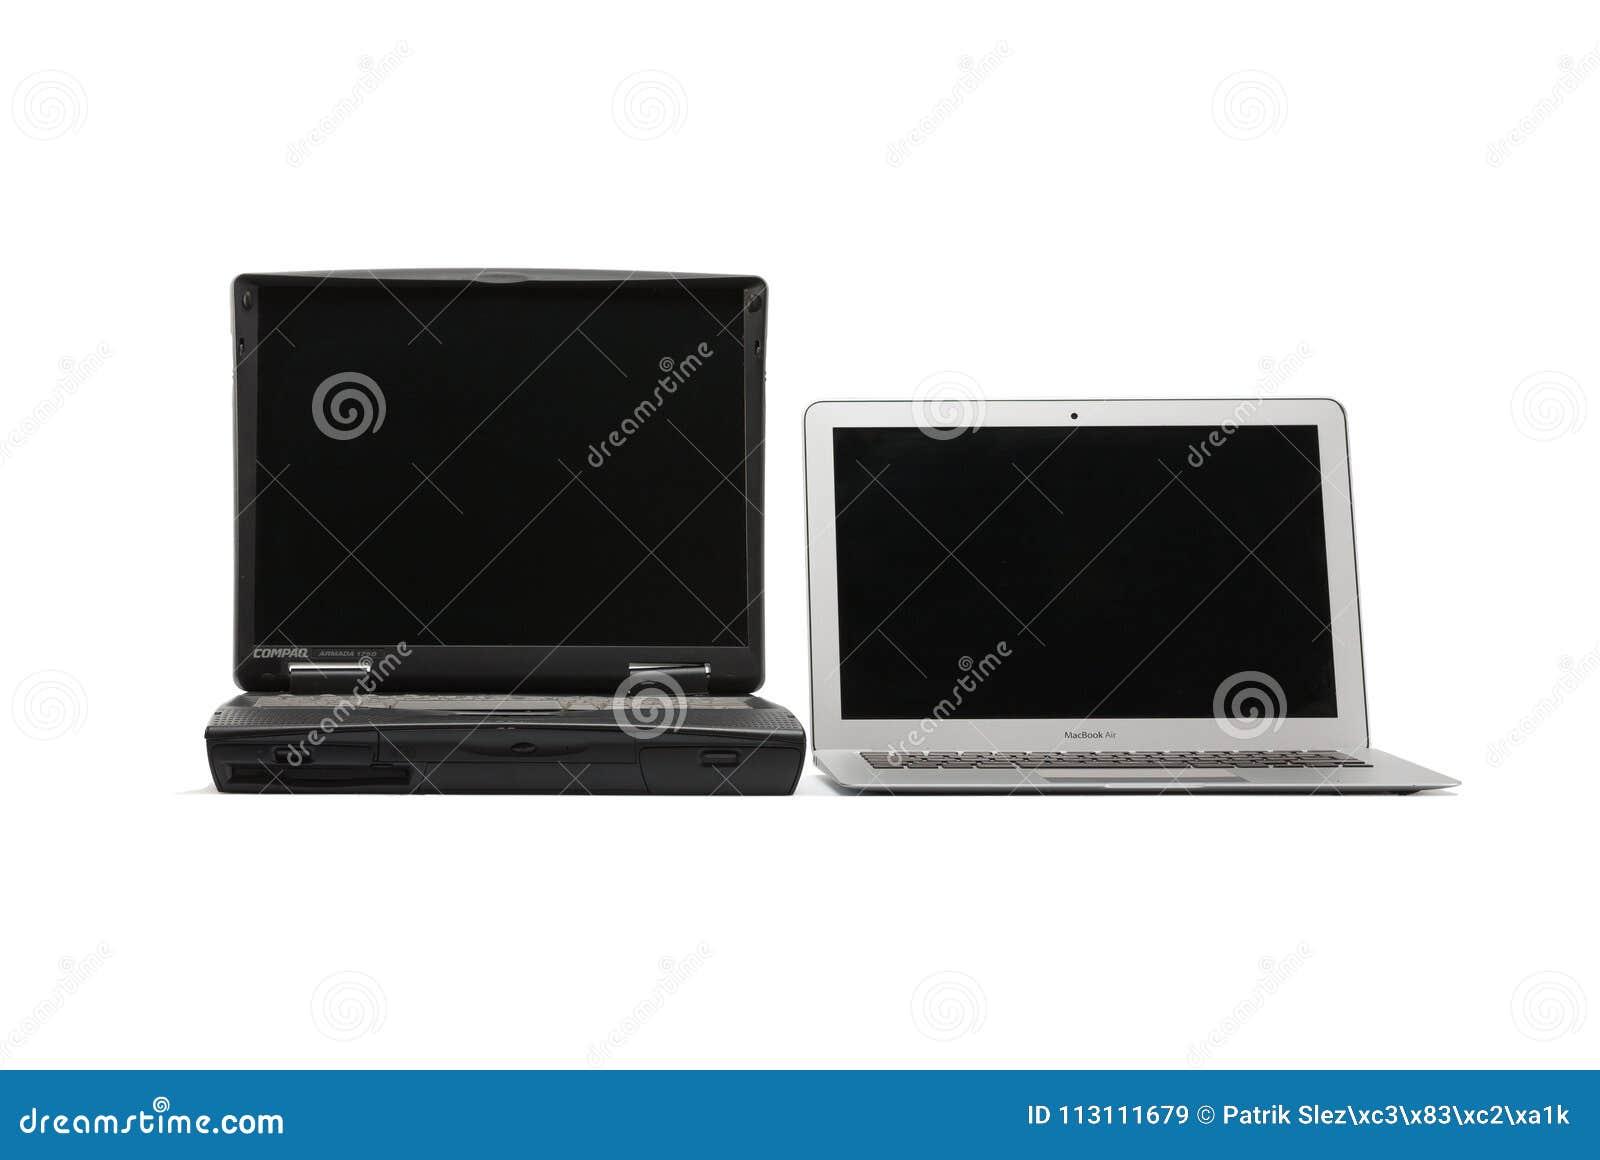 Het vergelijken van laptops, nieuwe moderne en oude laptop